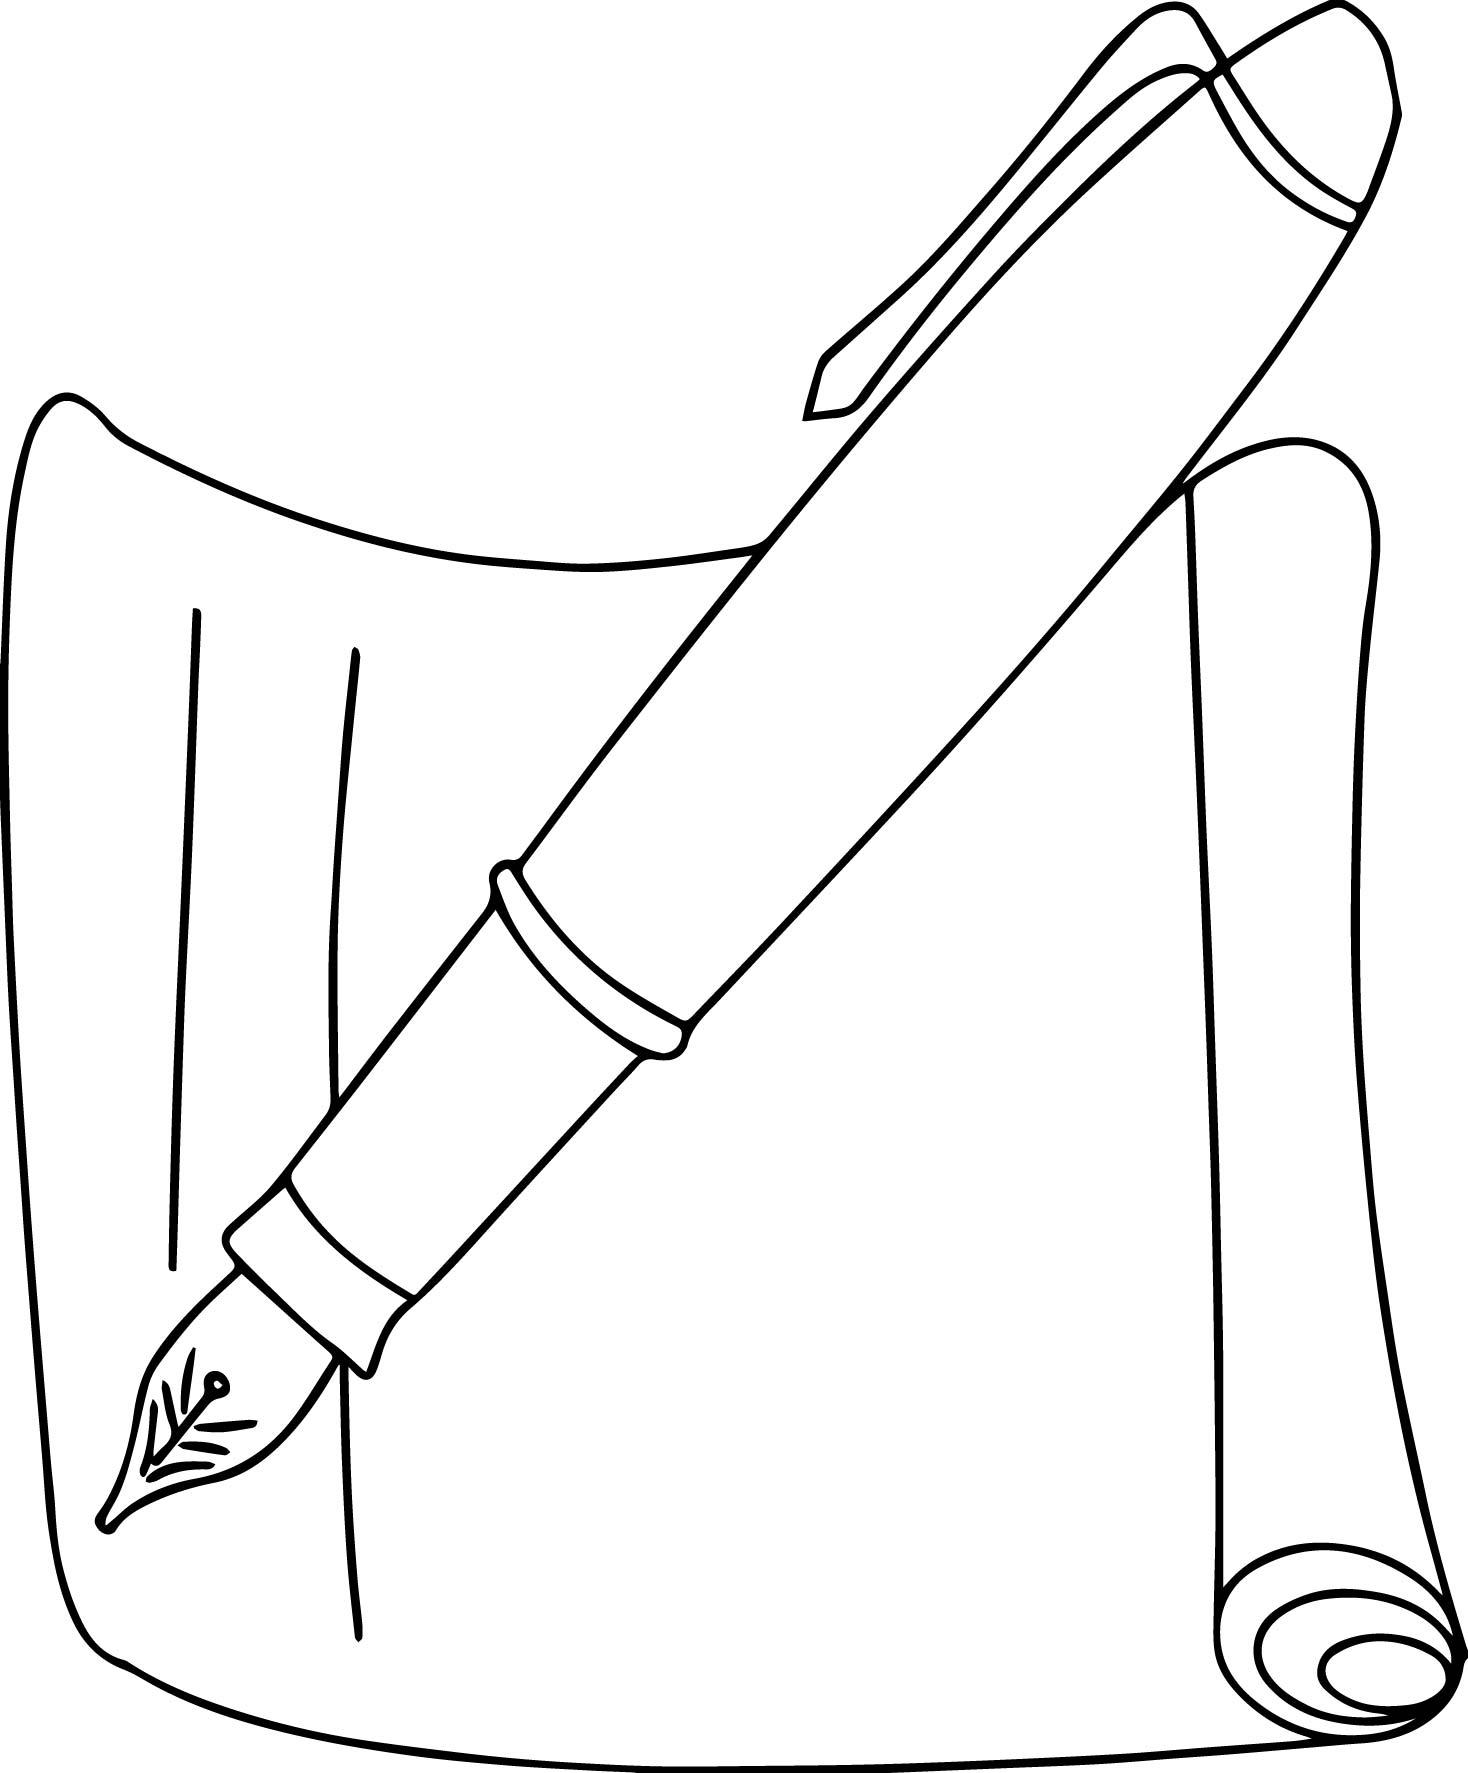 Pen coloring #6, Download drawings